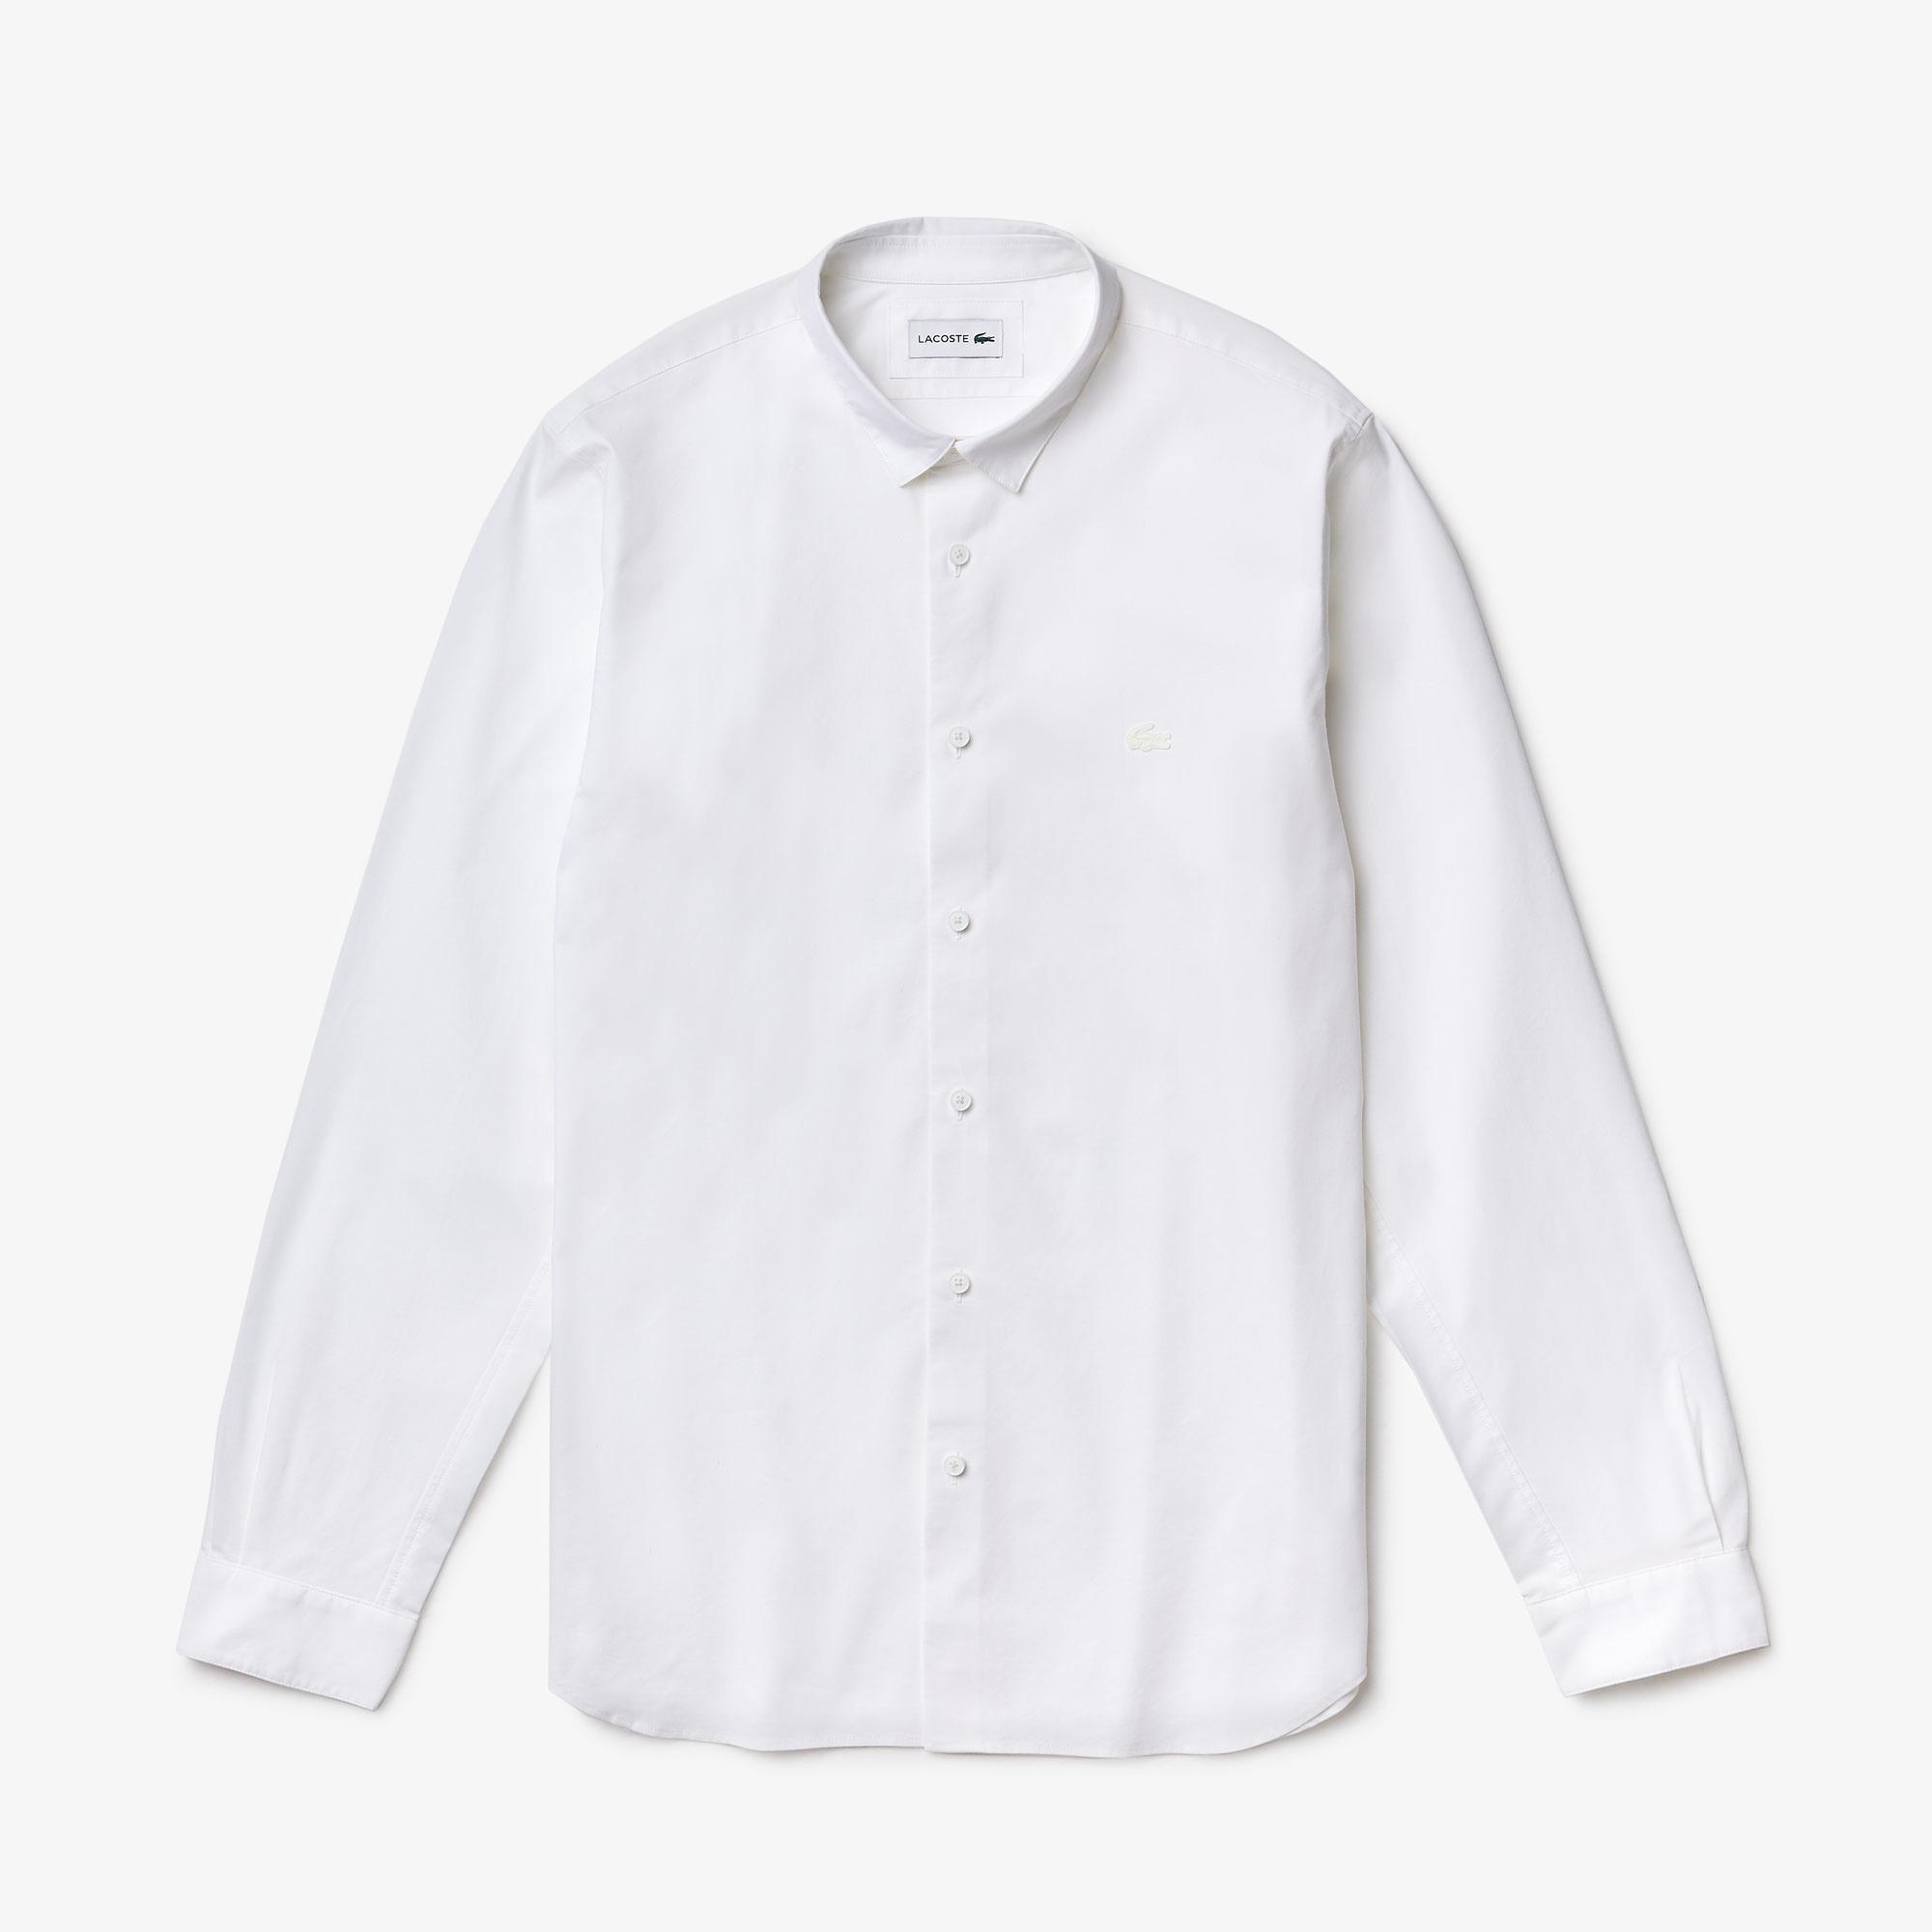 Lacoste Men's Motion Breathable Stretch Cotton Shirt